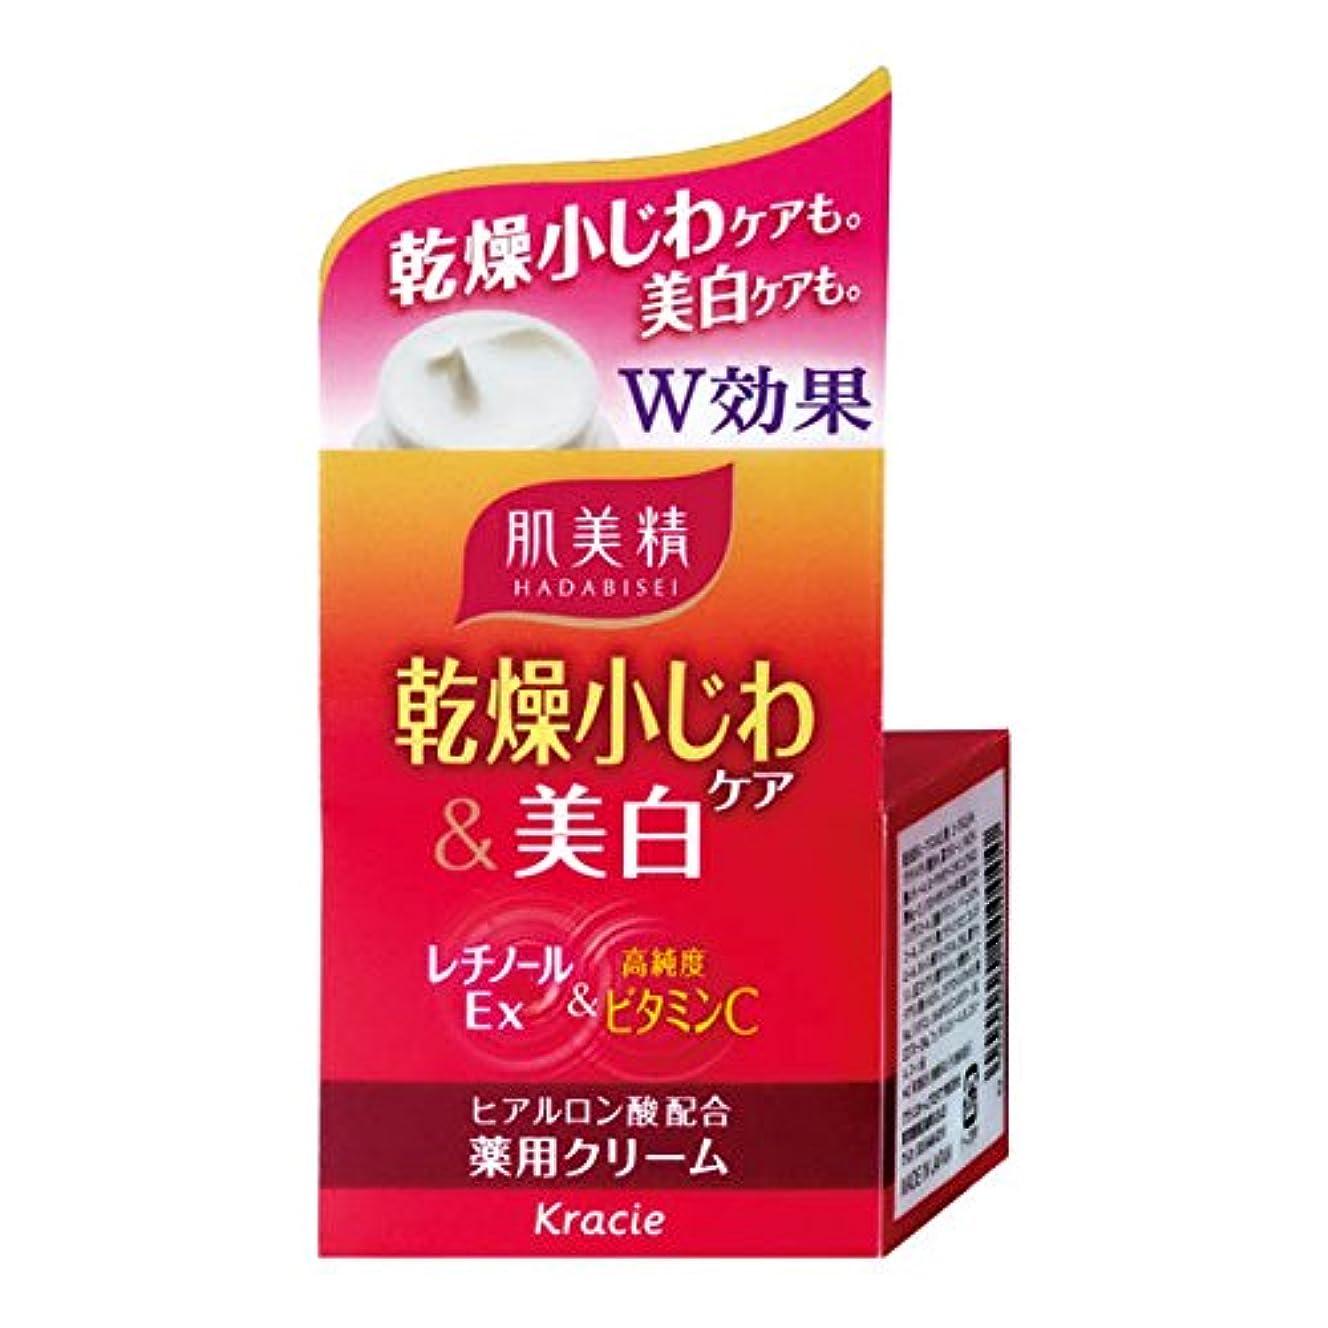 神話受粉するコンチネンタル肌美精 乾燥小じわケア&美白 薬用クリーム 50g 【医薬部外品】